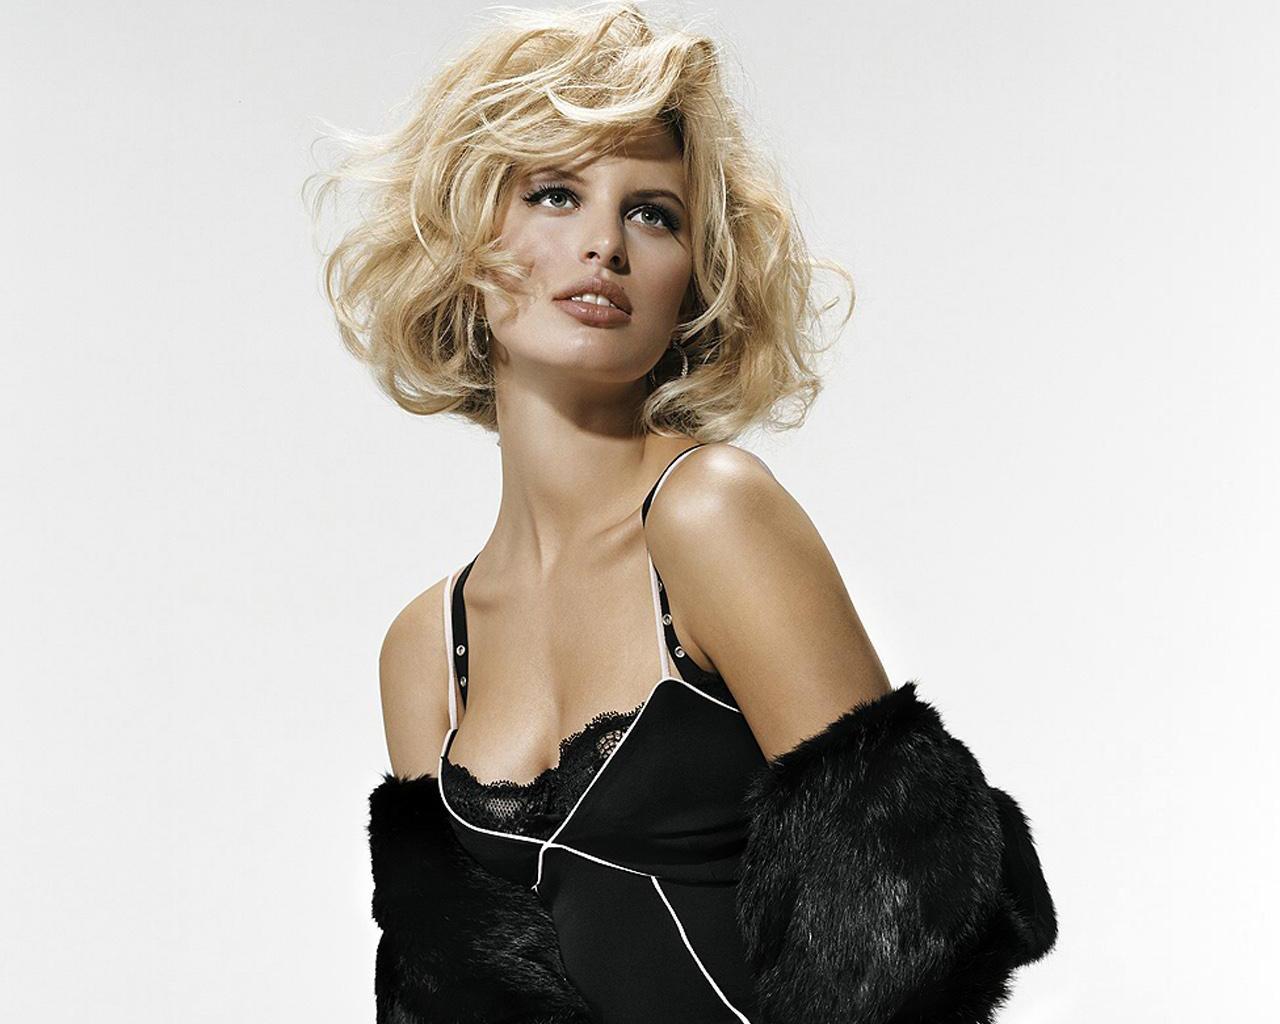 http://1.bp.blogspot.com/-8TOY8vJ_QoQ/TbL6OOuUyII/AAAAAAAADdA/Ru4XEFmujHo/s1600/czech_model_karolina_kurkova-normal5.4.jpg